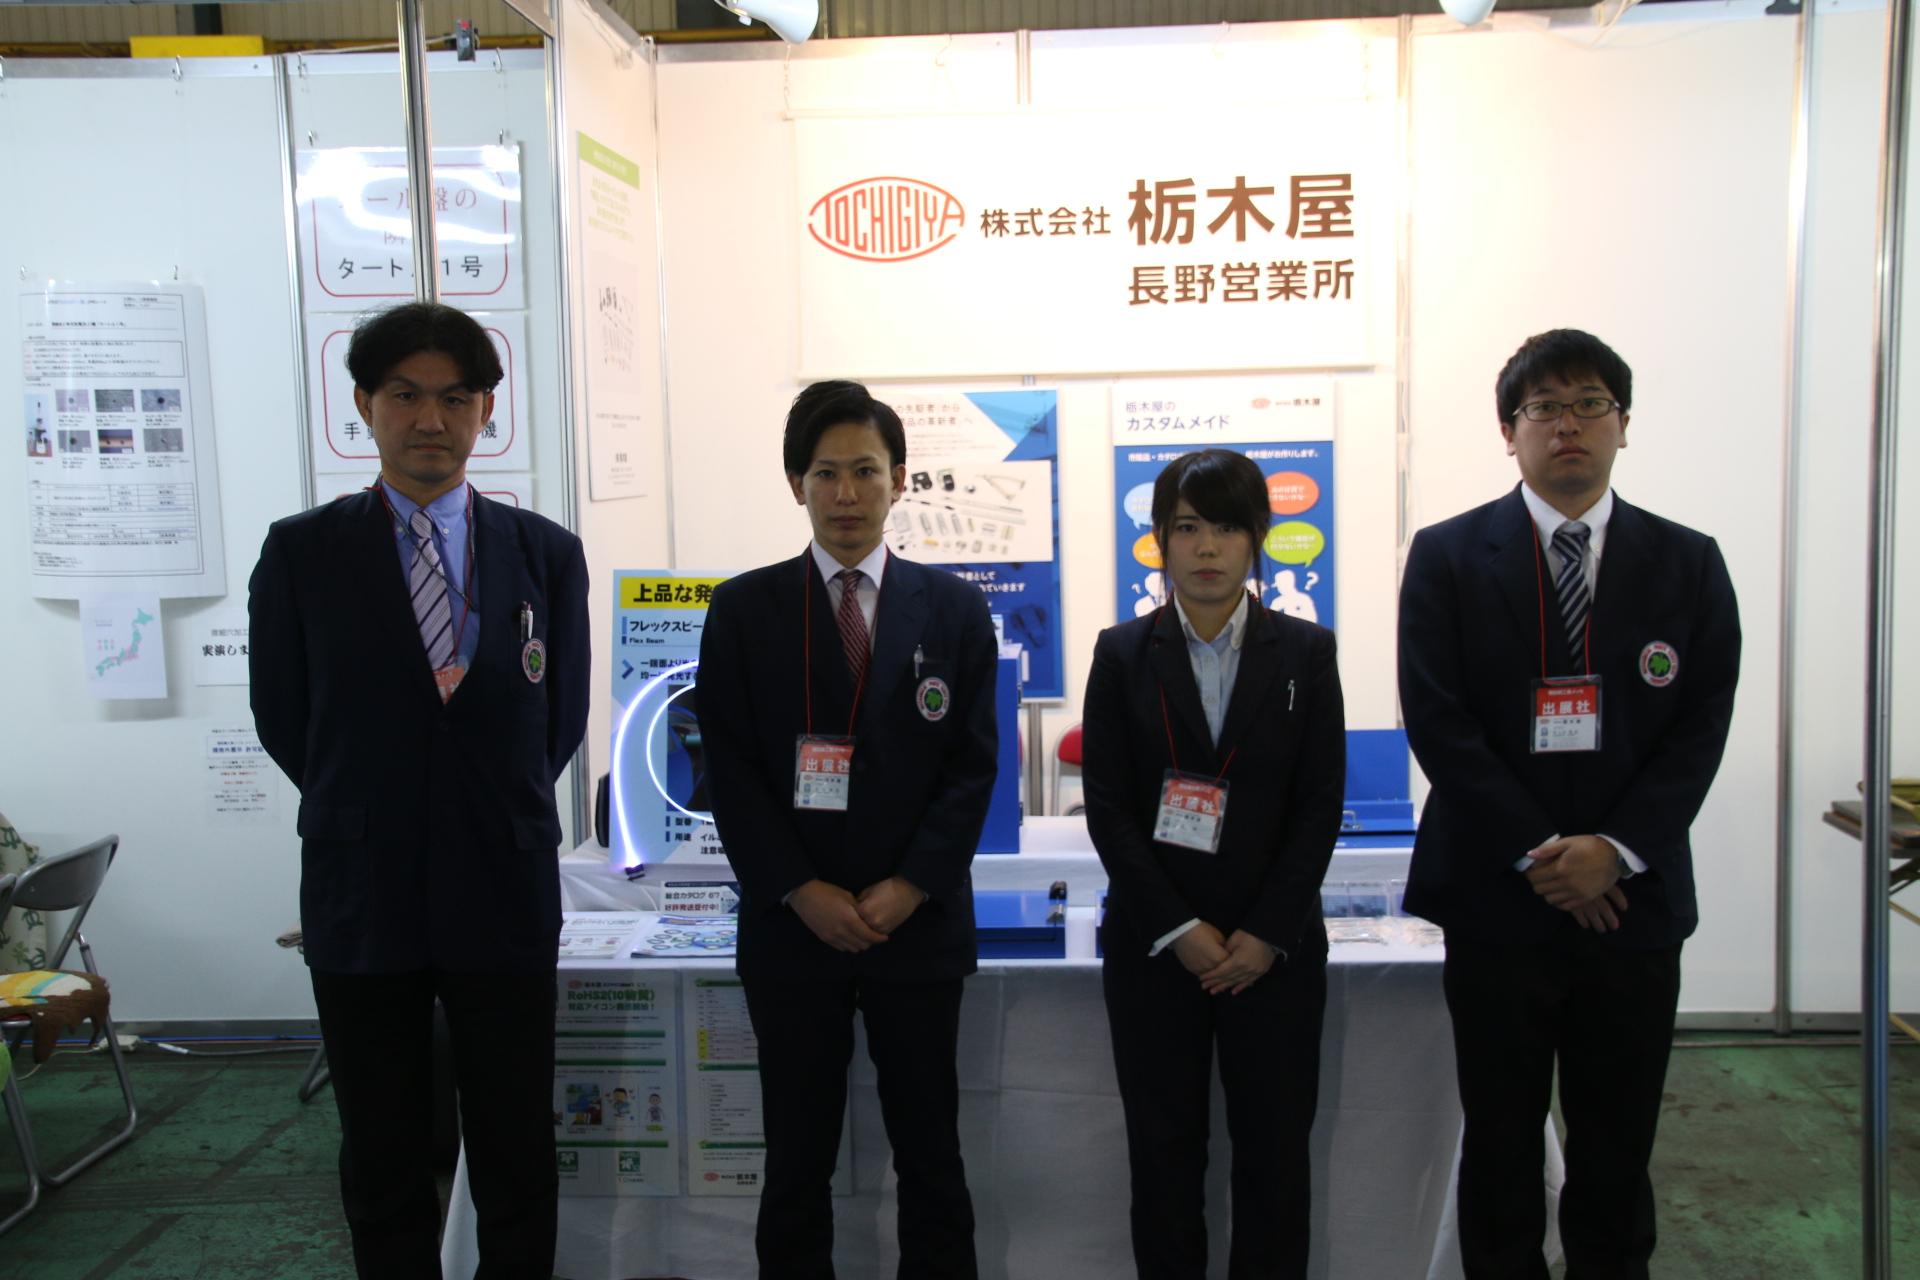 「諏訪圏工業メッセ2017」開催中!